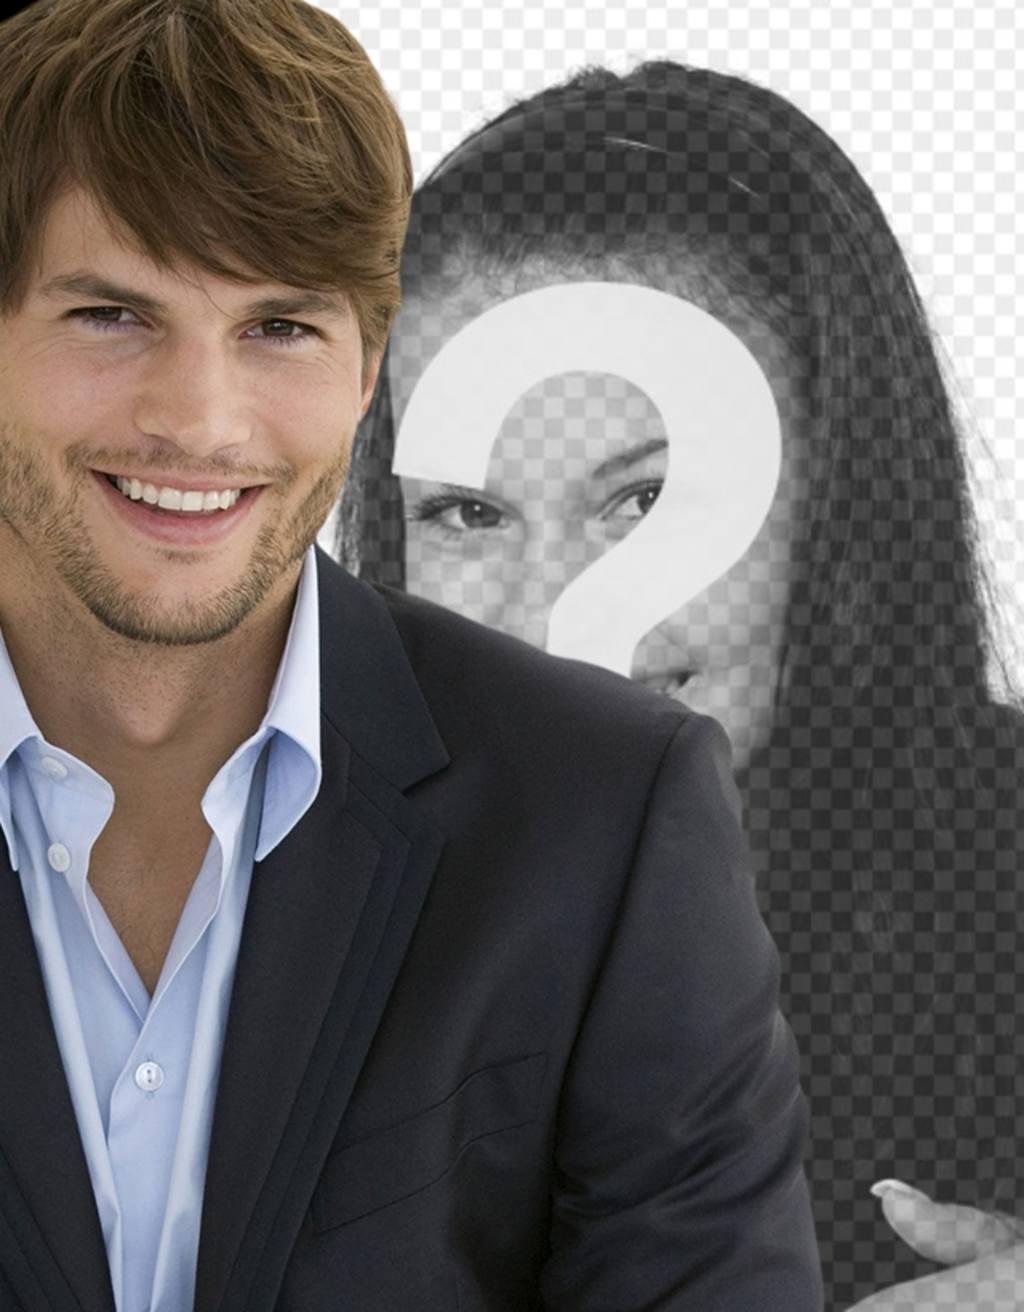 Fotomontage mit Ashton Kutcher in einem Anzug mit Stoppeln und kurze Haare, um ein Bild mit ihm zu haben